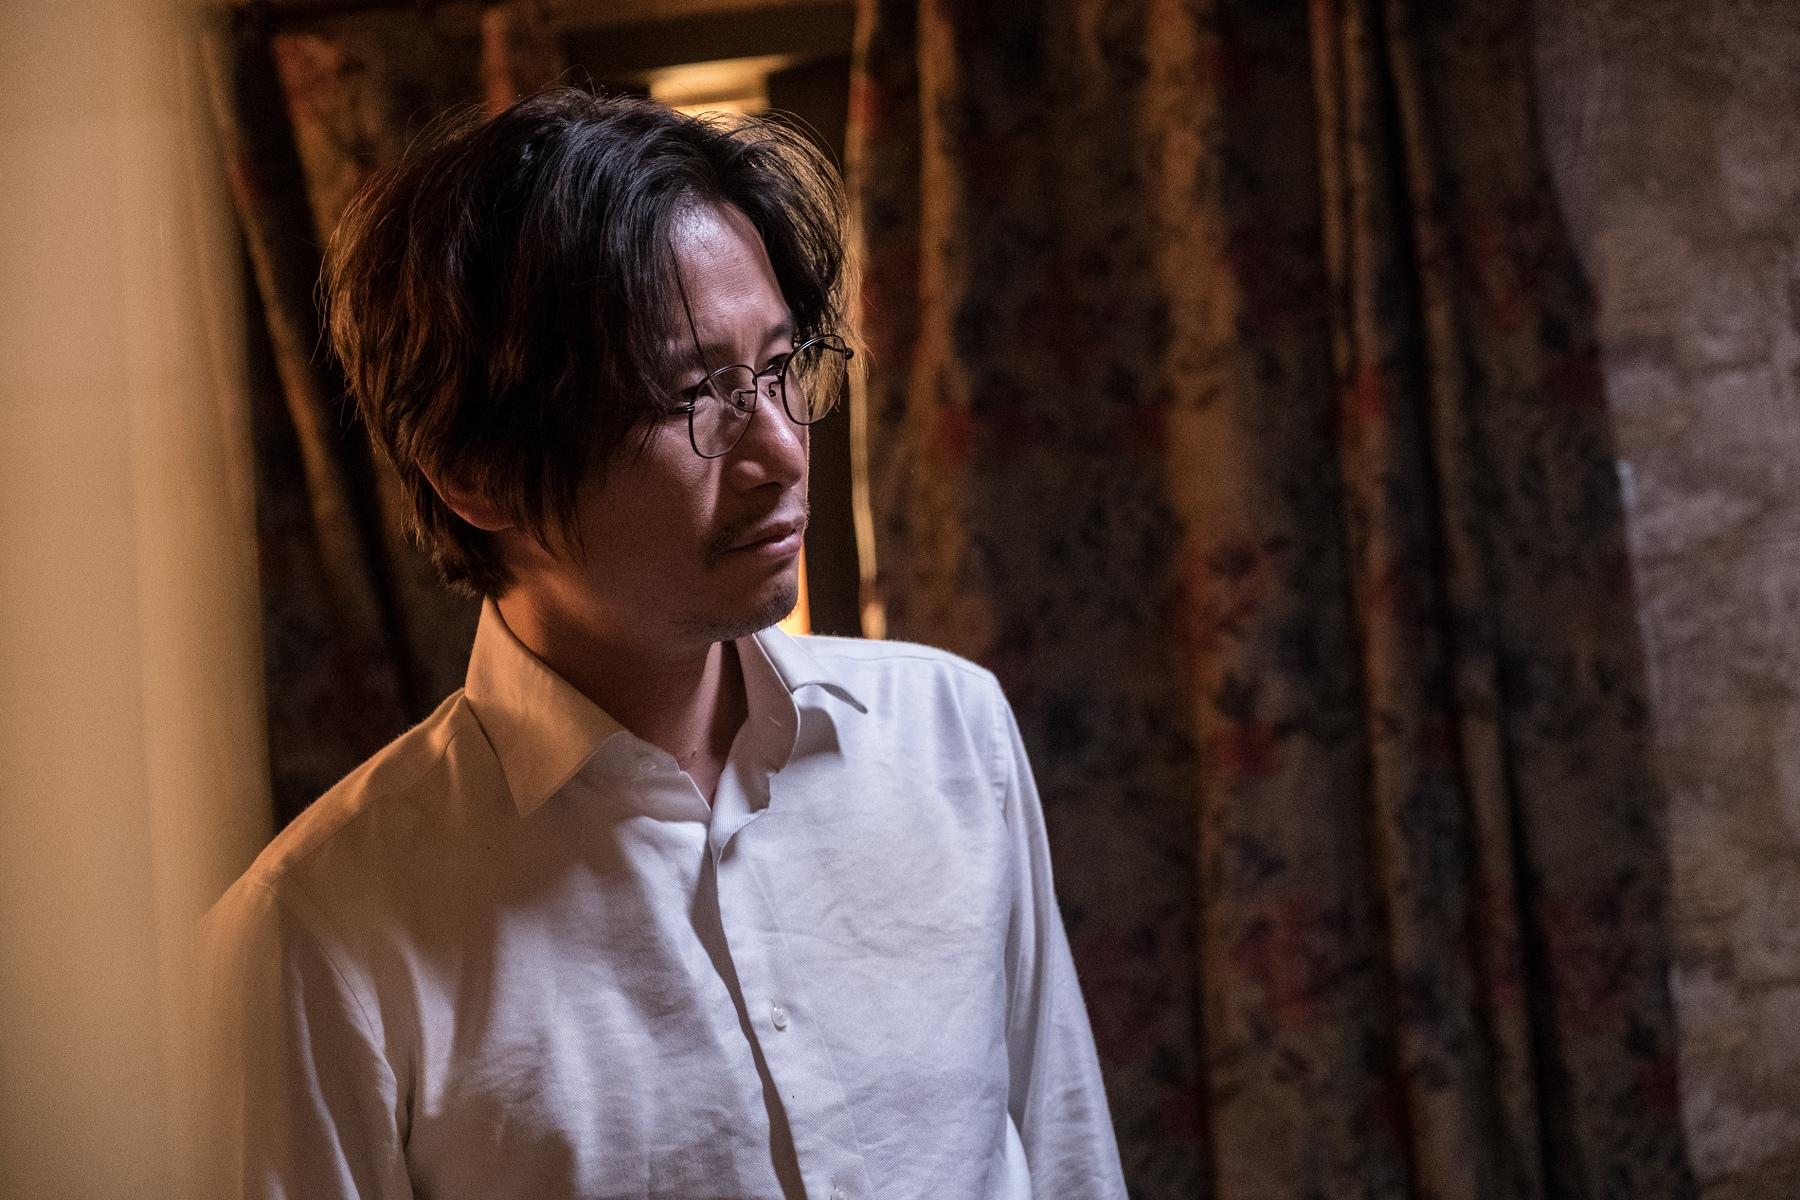 《真犯》試映記者會演員透露「默契十足」 曝導演因「一杯咖啡」惹來抱怨